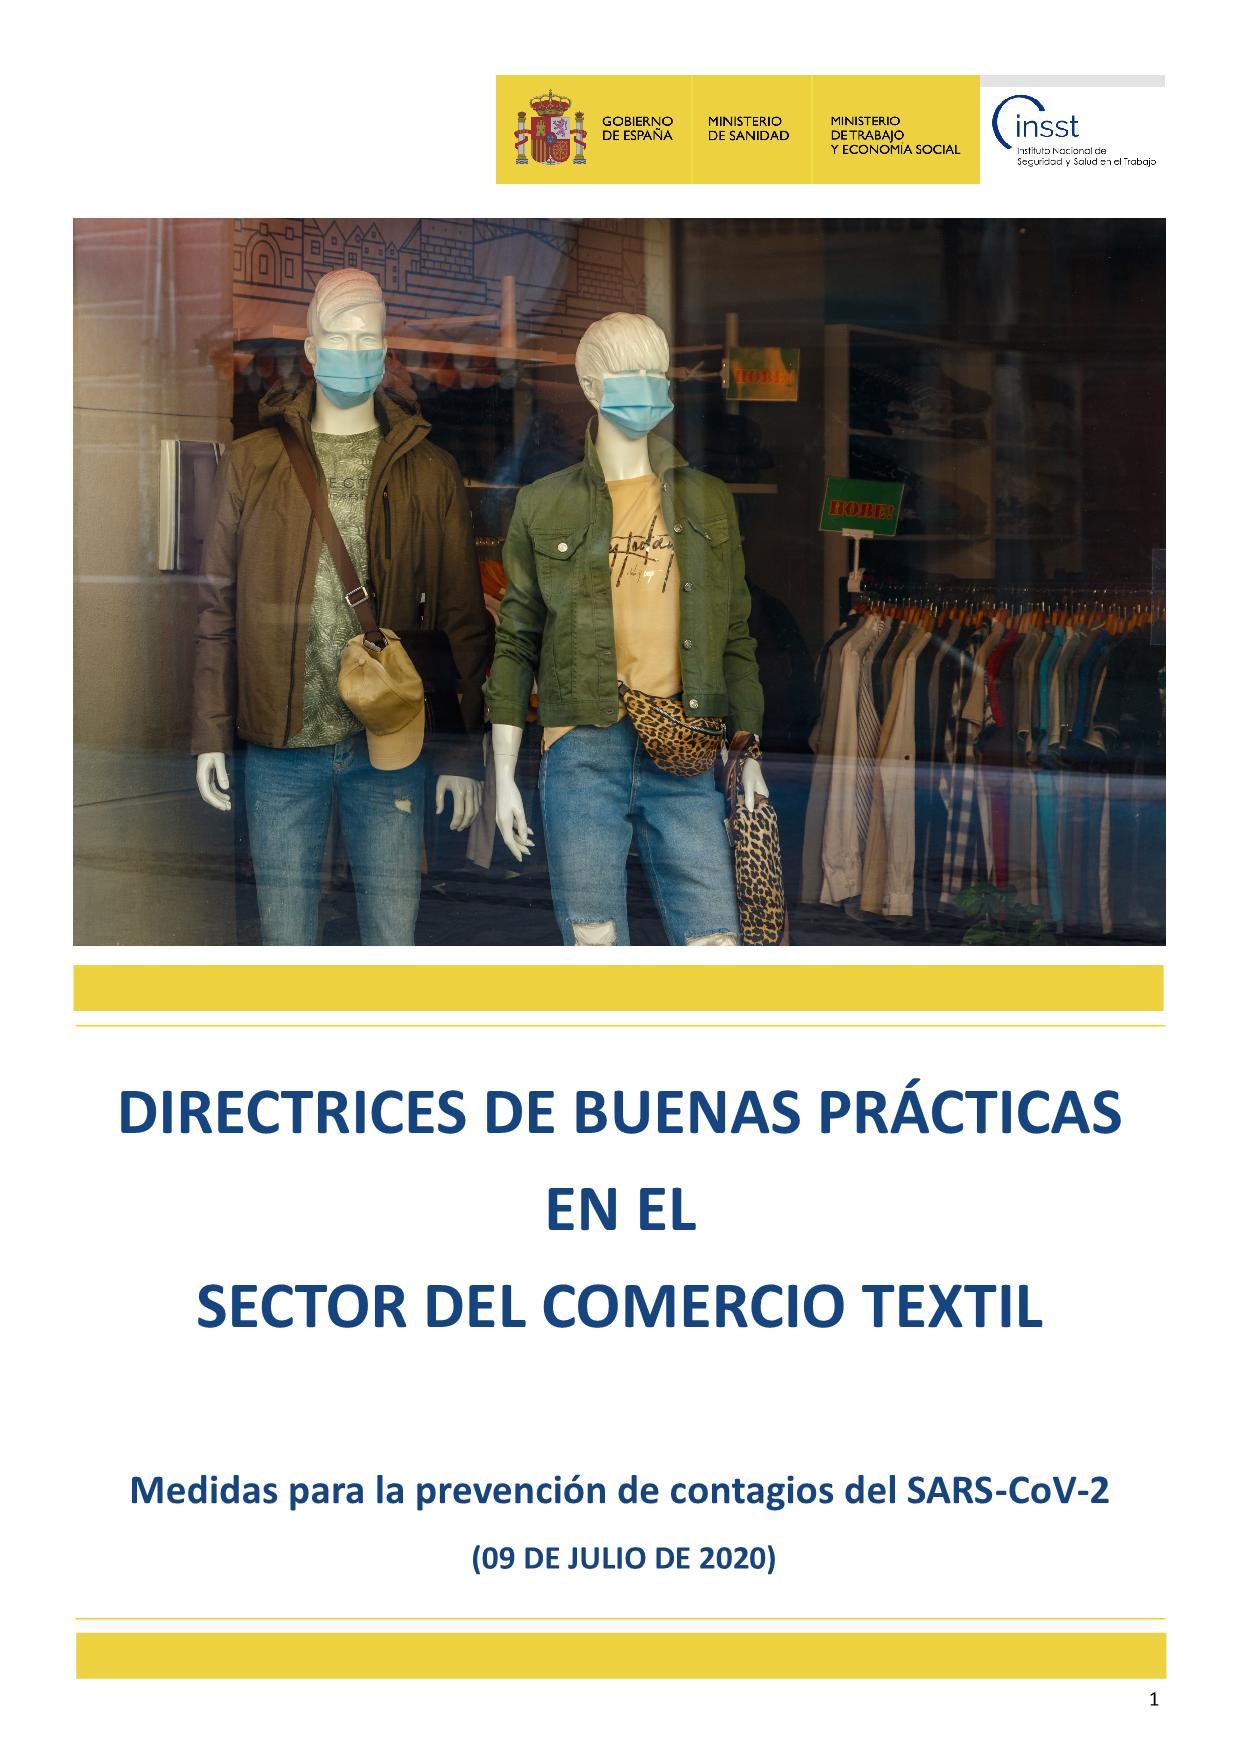 Directrices de buenas prácticas en el Sector del Comercio Textil_1